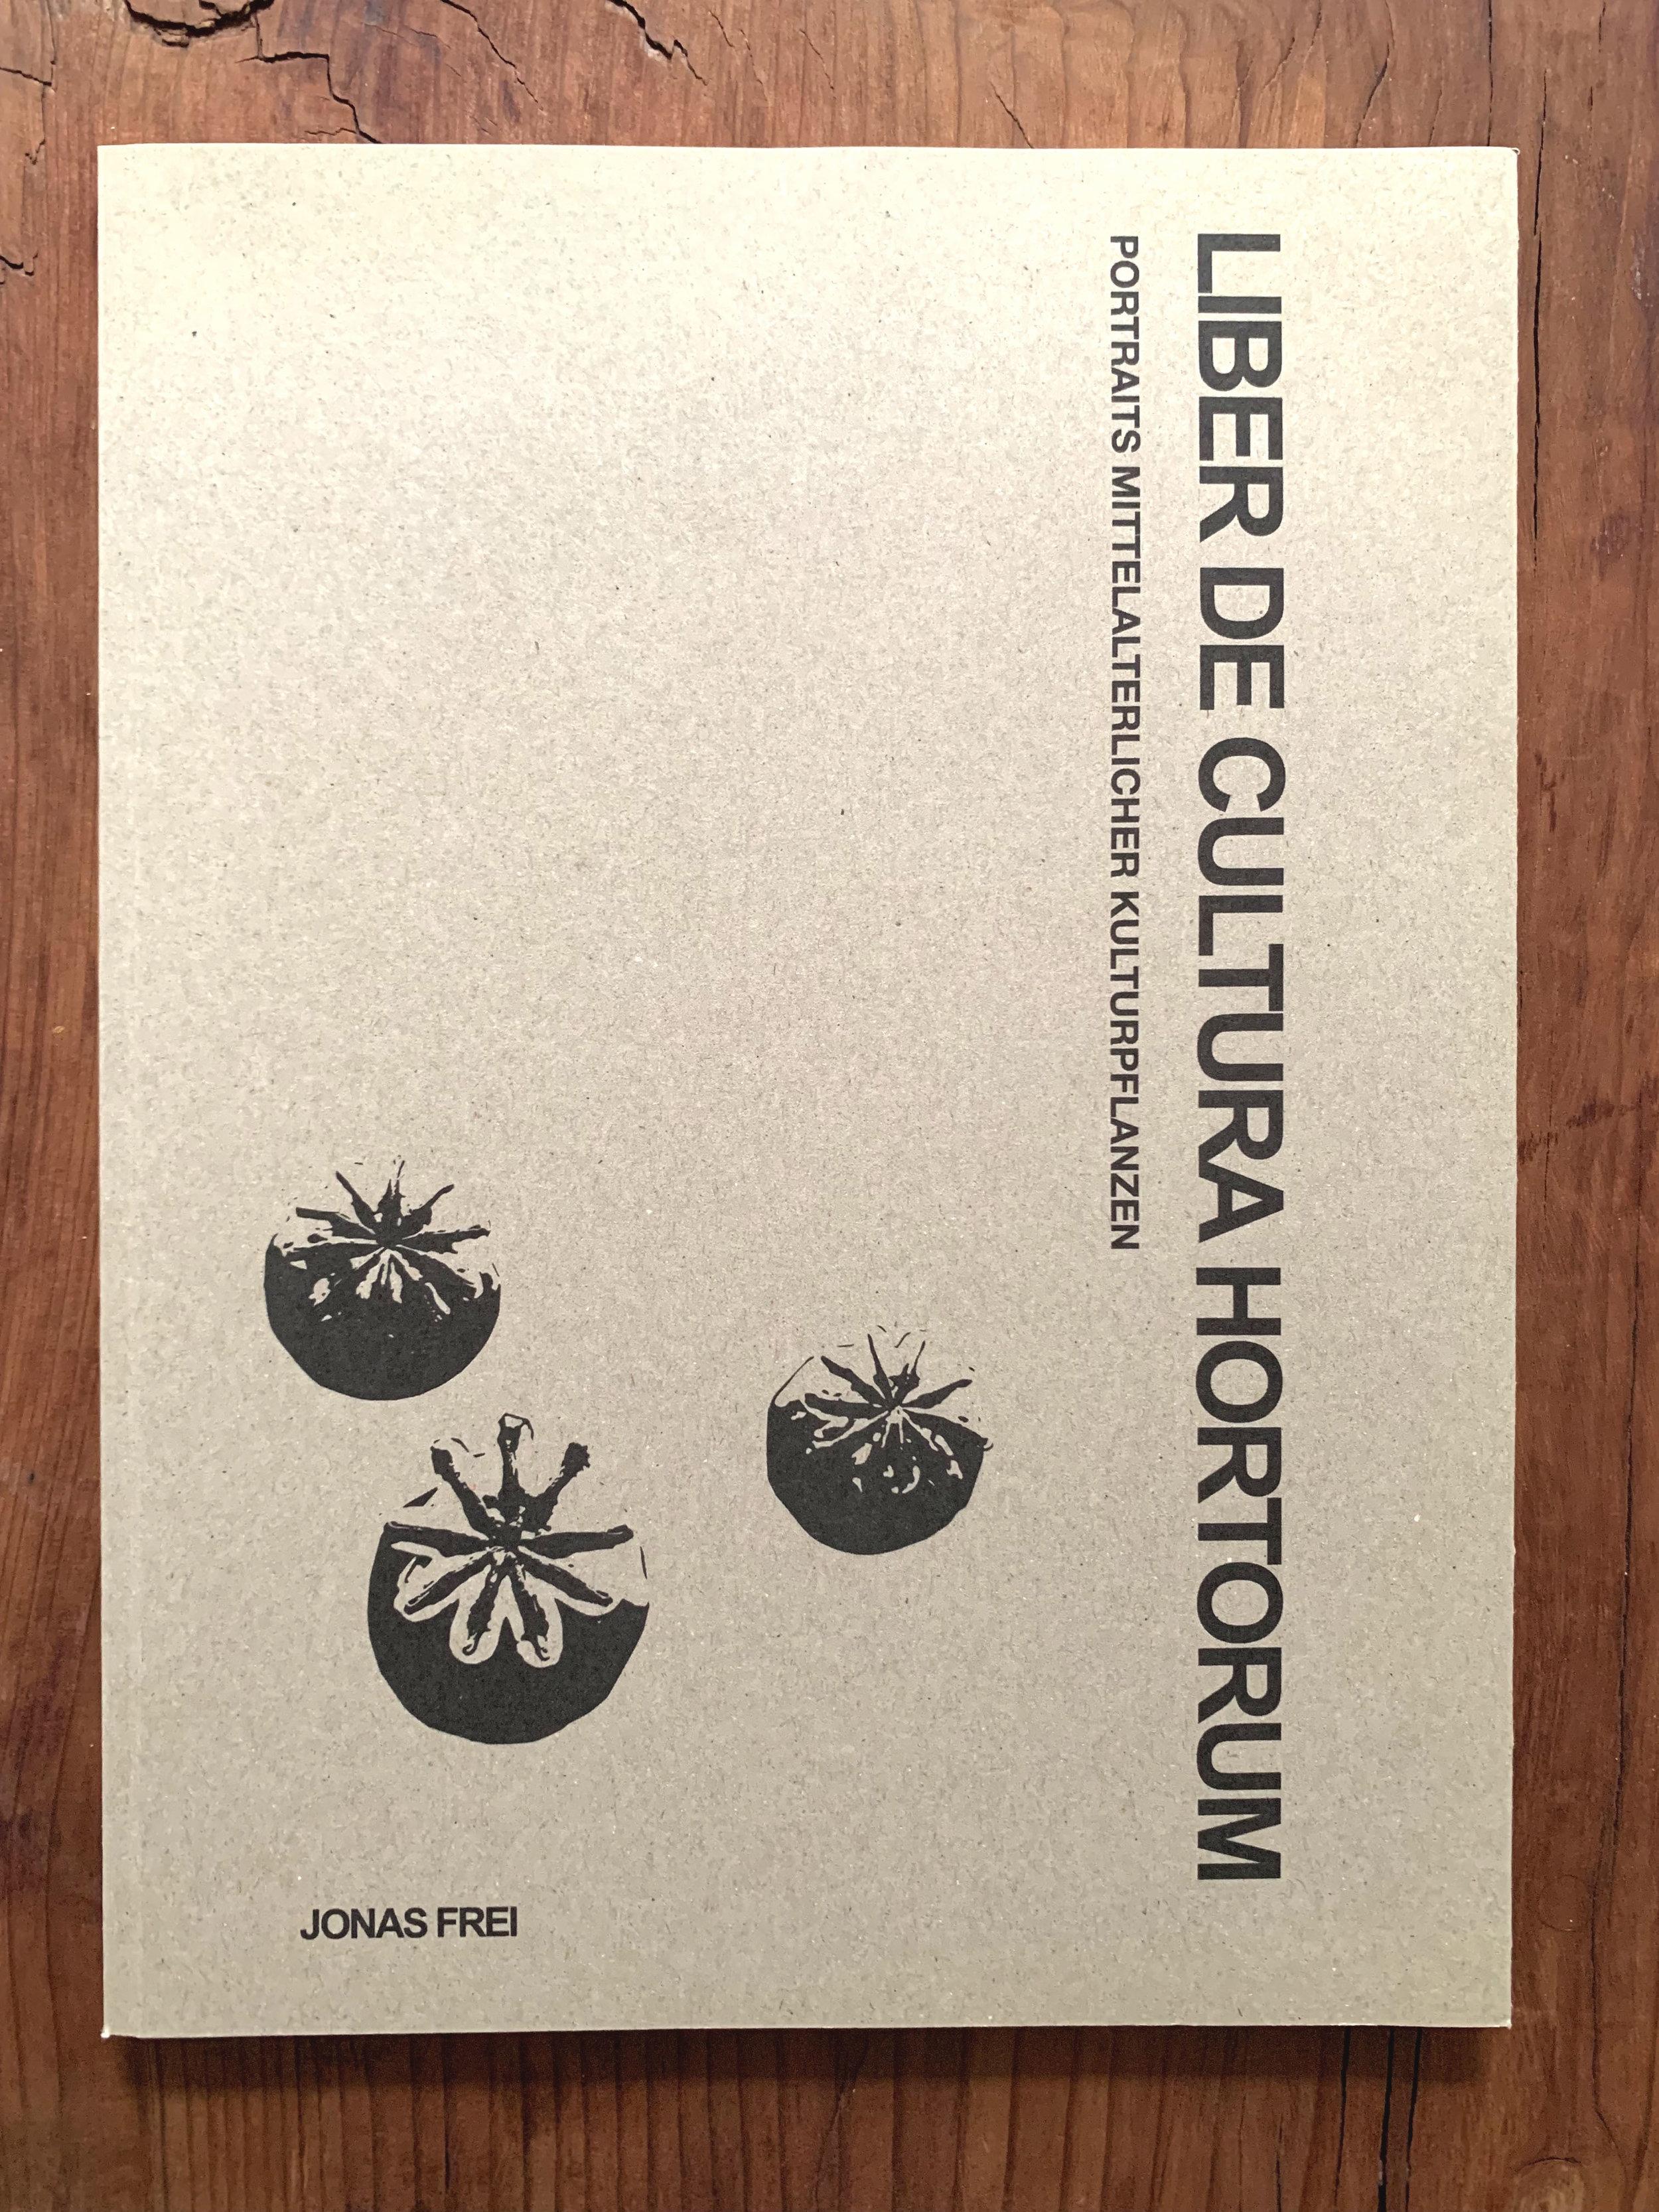 LIBER DE CULTURA HORTORUM - Publikation.Walahfrid Strabo, ein Mönch, der im 9. Jahrhundert auf der Insel Reichenau im Bodensee sein bescheidenes Leben fristete, hat uns ein wertvolles Werk hinterlassen. Eine Gedichtesammlung über die Pflanzen seines Gartens, die als erstes literarisches Zeugnis der Gartenkultur in Mitteleuropa gilt. Er portraitierte in dieser Schrift «Liber de cultura hortorum», zu deutsch «Schrift über den Gartenbau» 23 Pflanzenarten und ihre Heilwirkungen. Über jede dieser Arten habe ich ein eigenes Portrait verfasst, um einen beleuchtenden Blick auf die reiche Geschichte, Verwendung, Symbolik und Ökologie dieser frühmittelalterlichen Heilmittel werfen zu können. Die Reihenfolge und Titelsetzung der Kapitel orientiert sich dabei den Gedichten in Strabos «Liber de cultura hortorum».